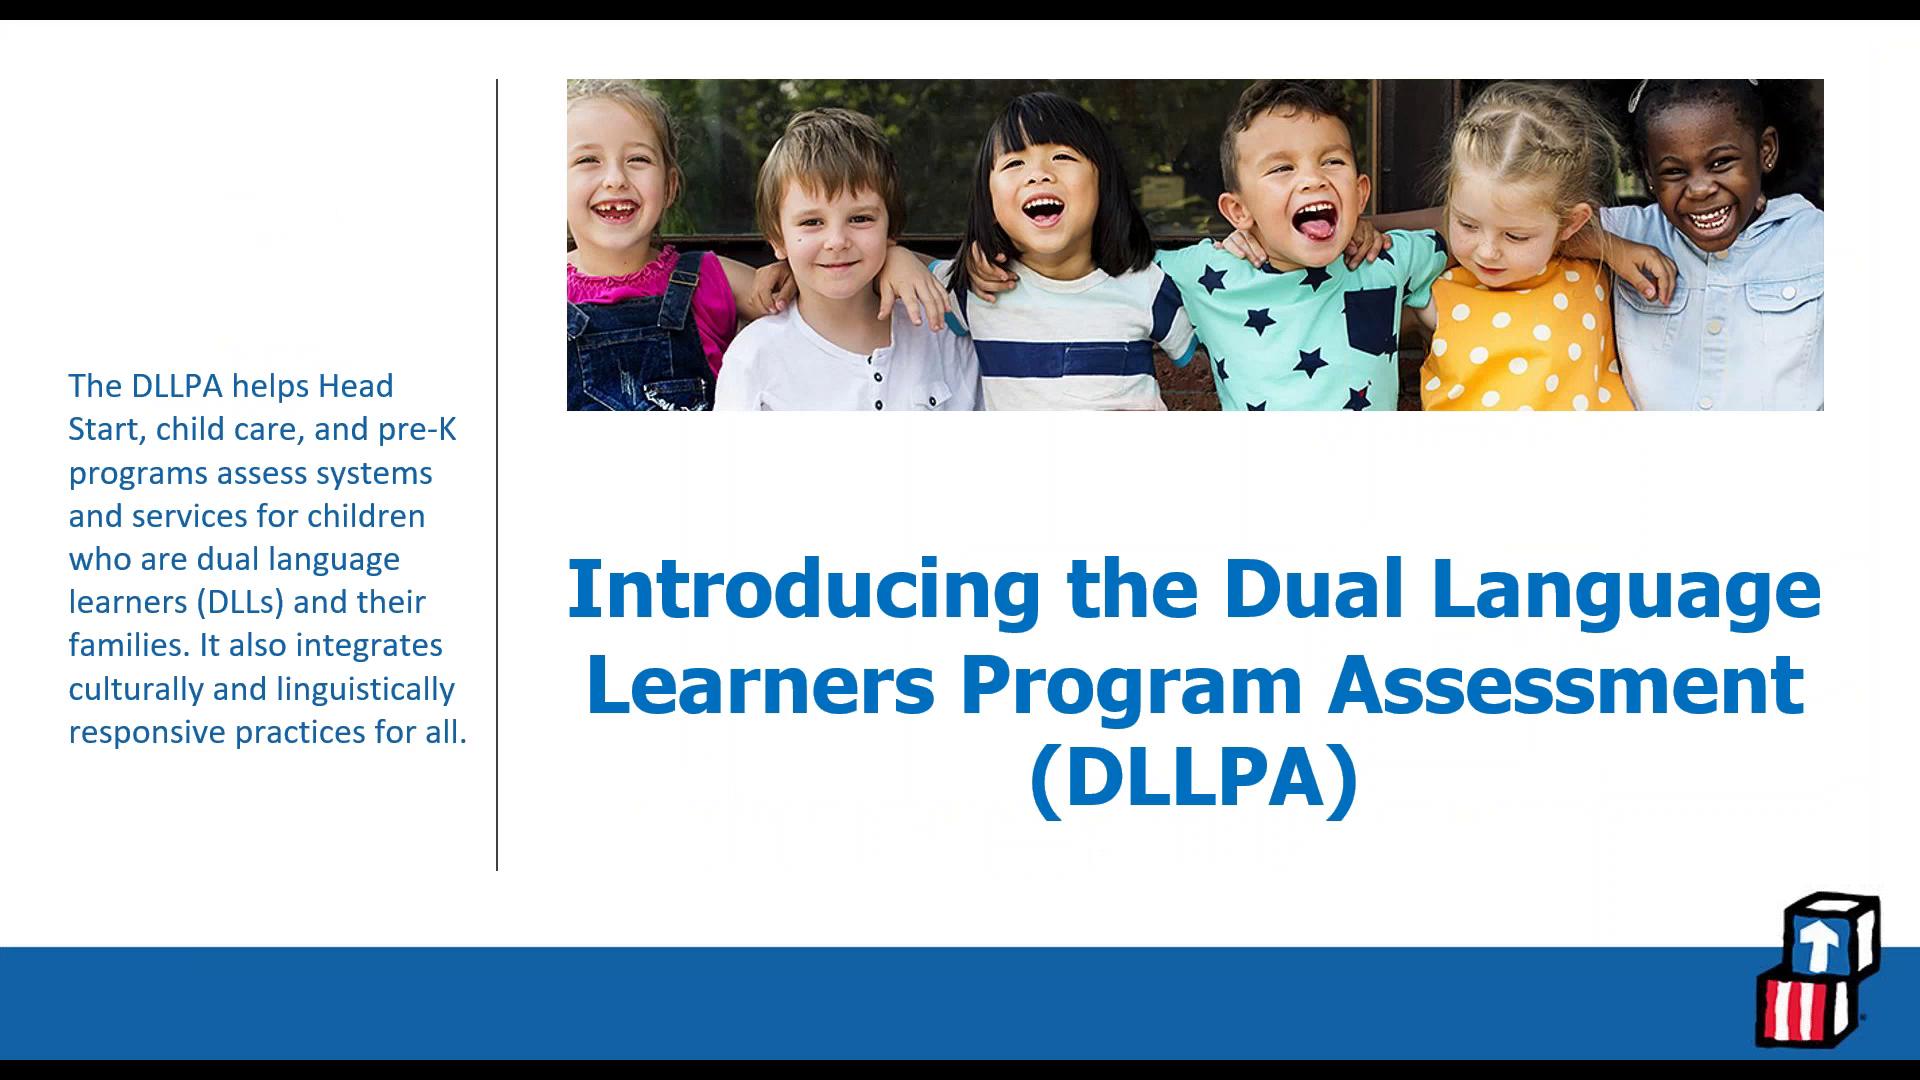 Presentación de la Evaluación del programa para niños que aprenden en dos idiomas (DLLPA)